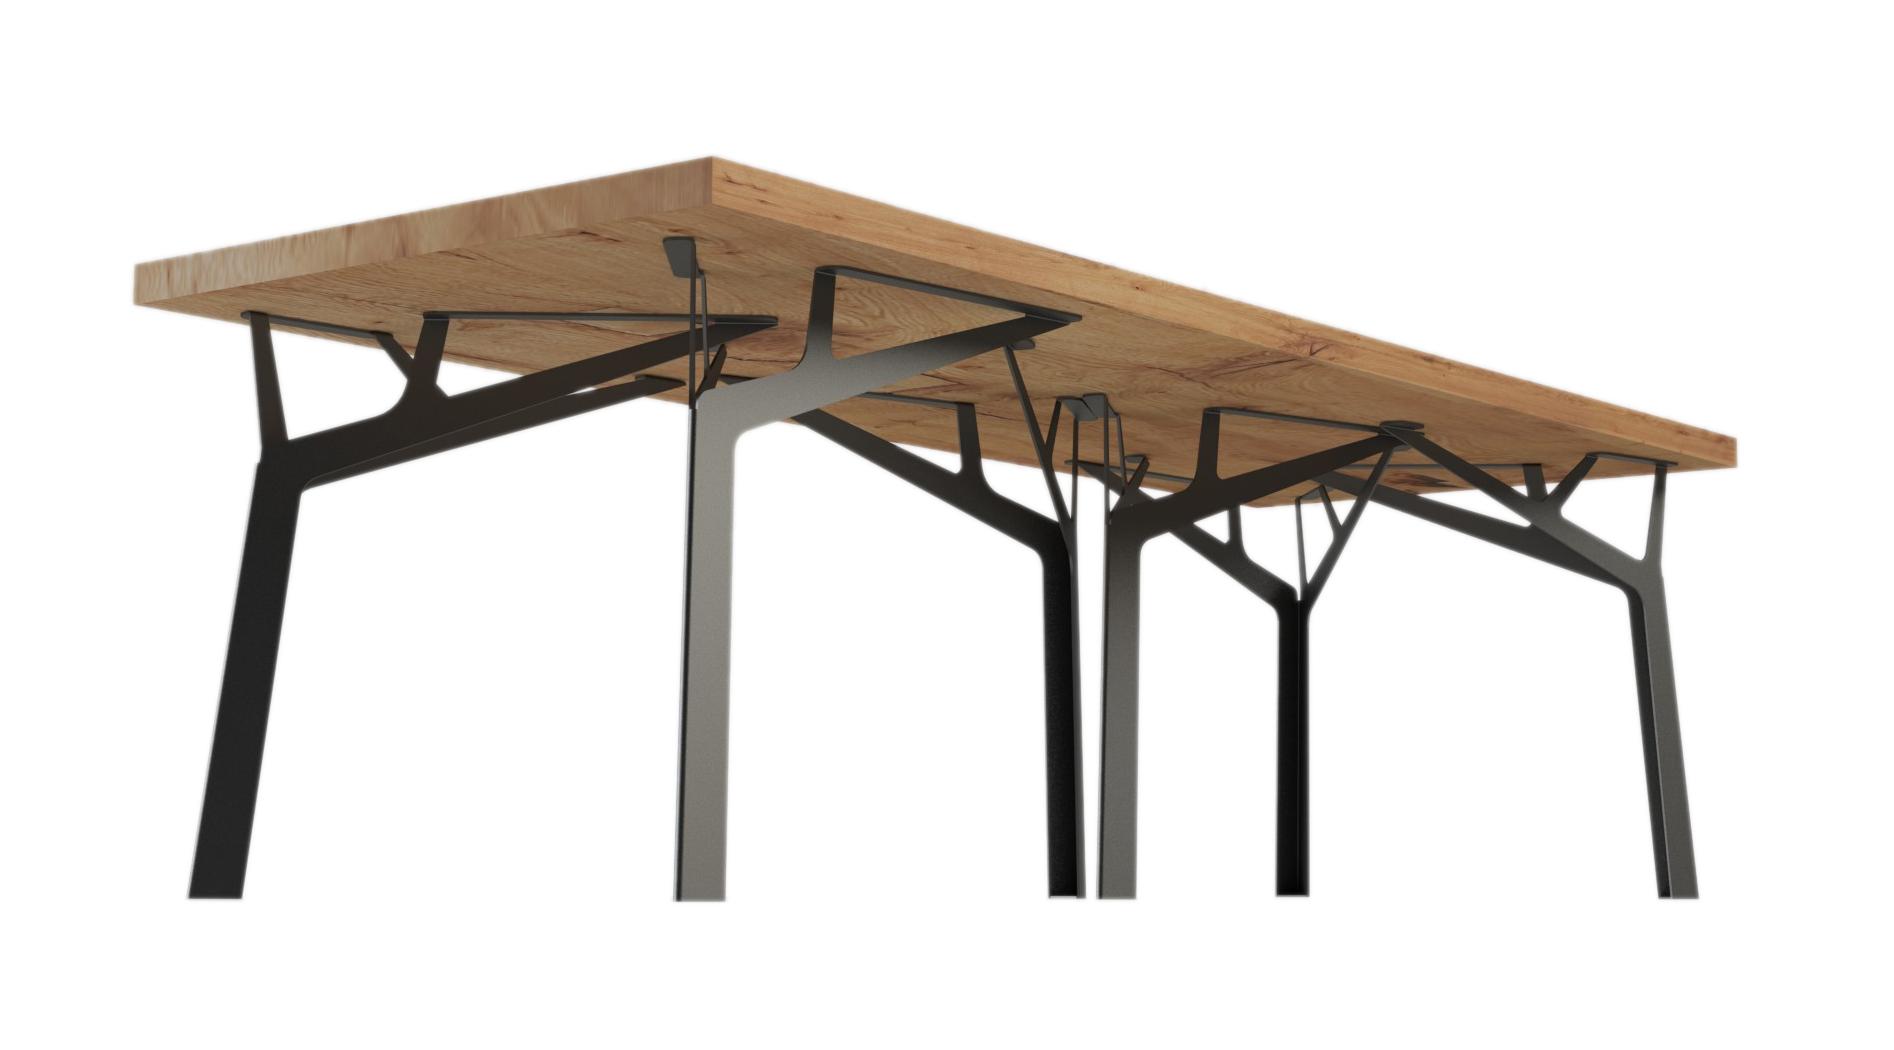 kff geht mit tisch foerster neue wege. Black Bedroom Furniture Sets. Home Design Ideas